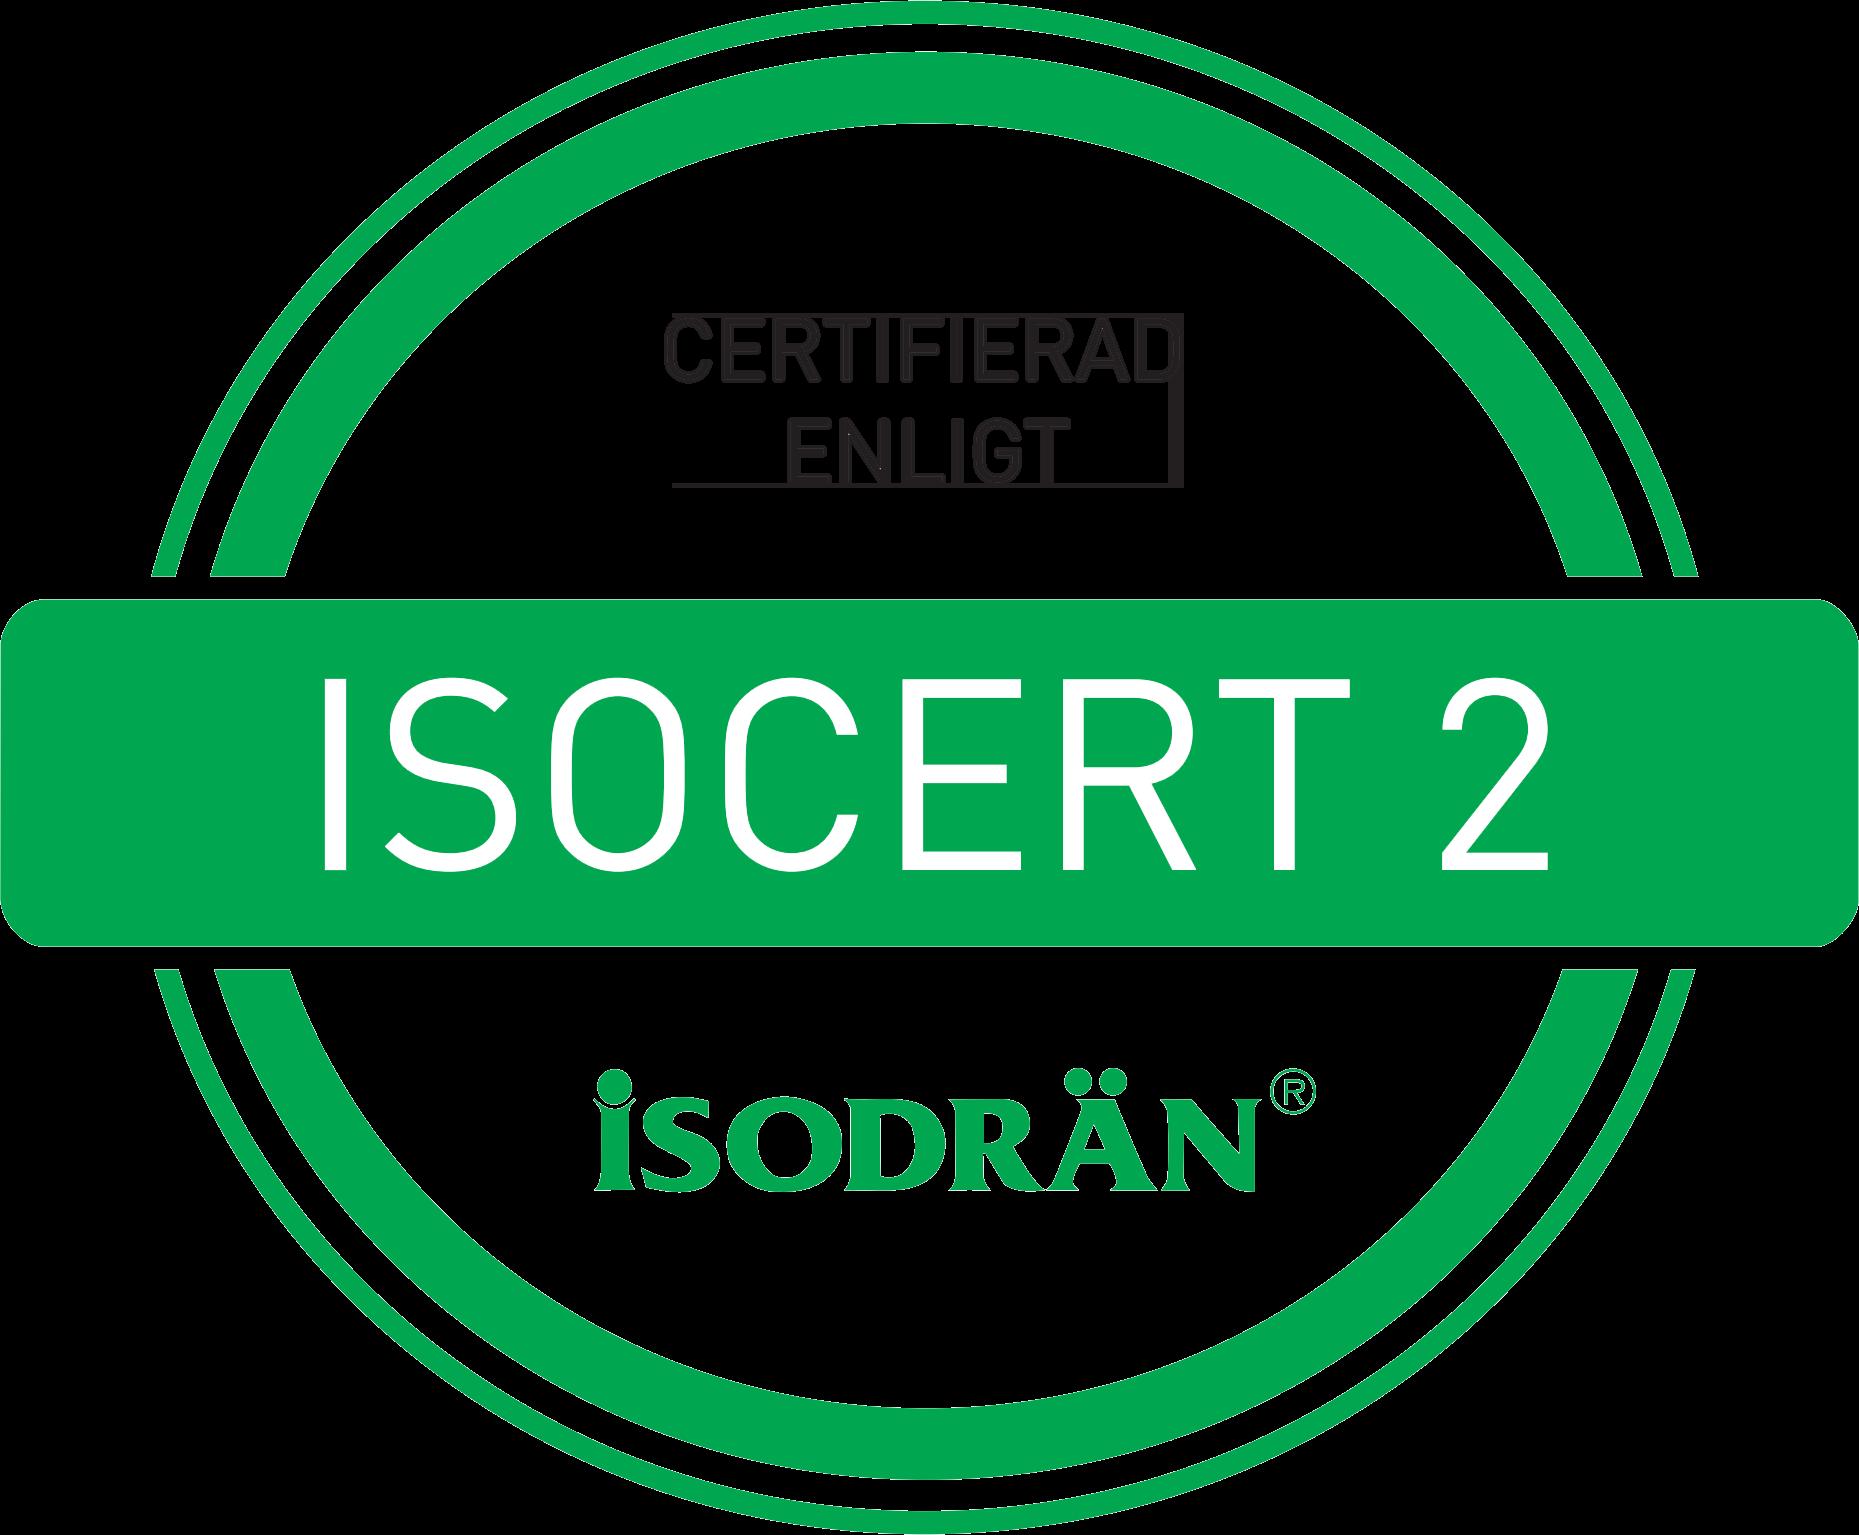 isocert-2